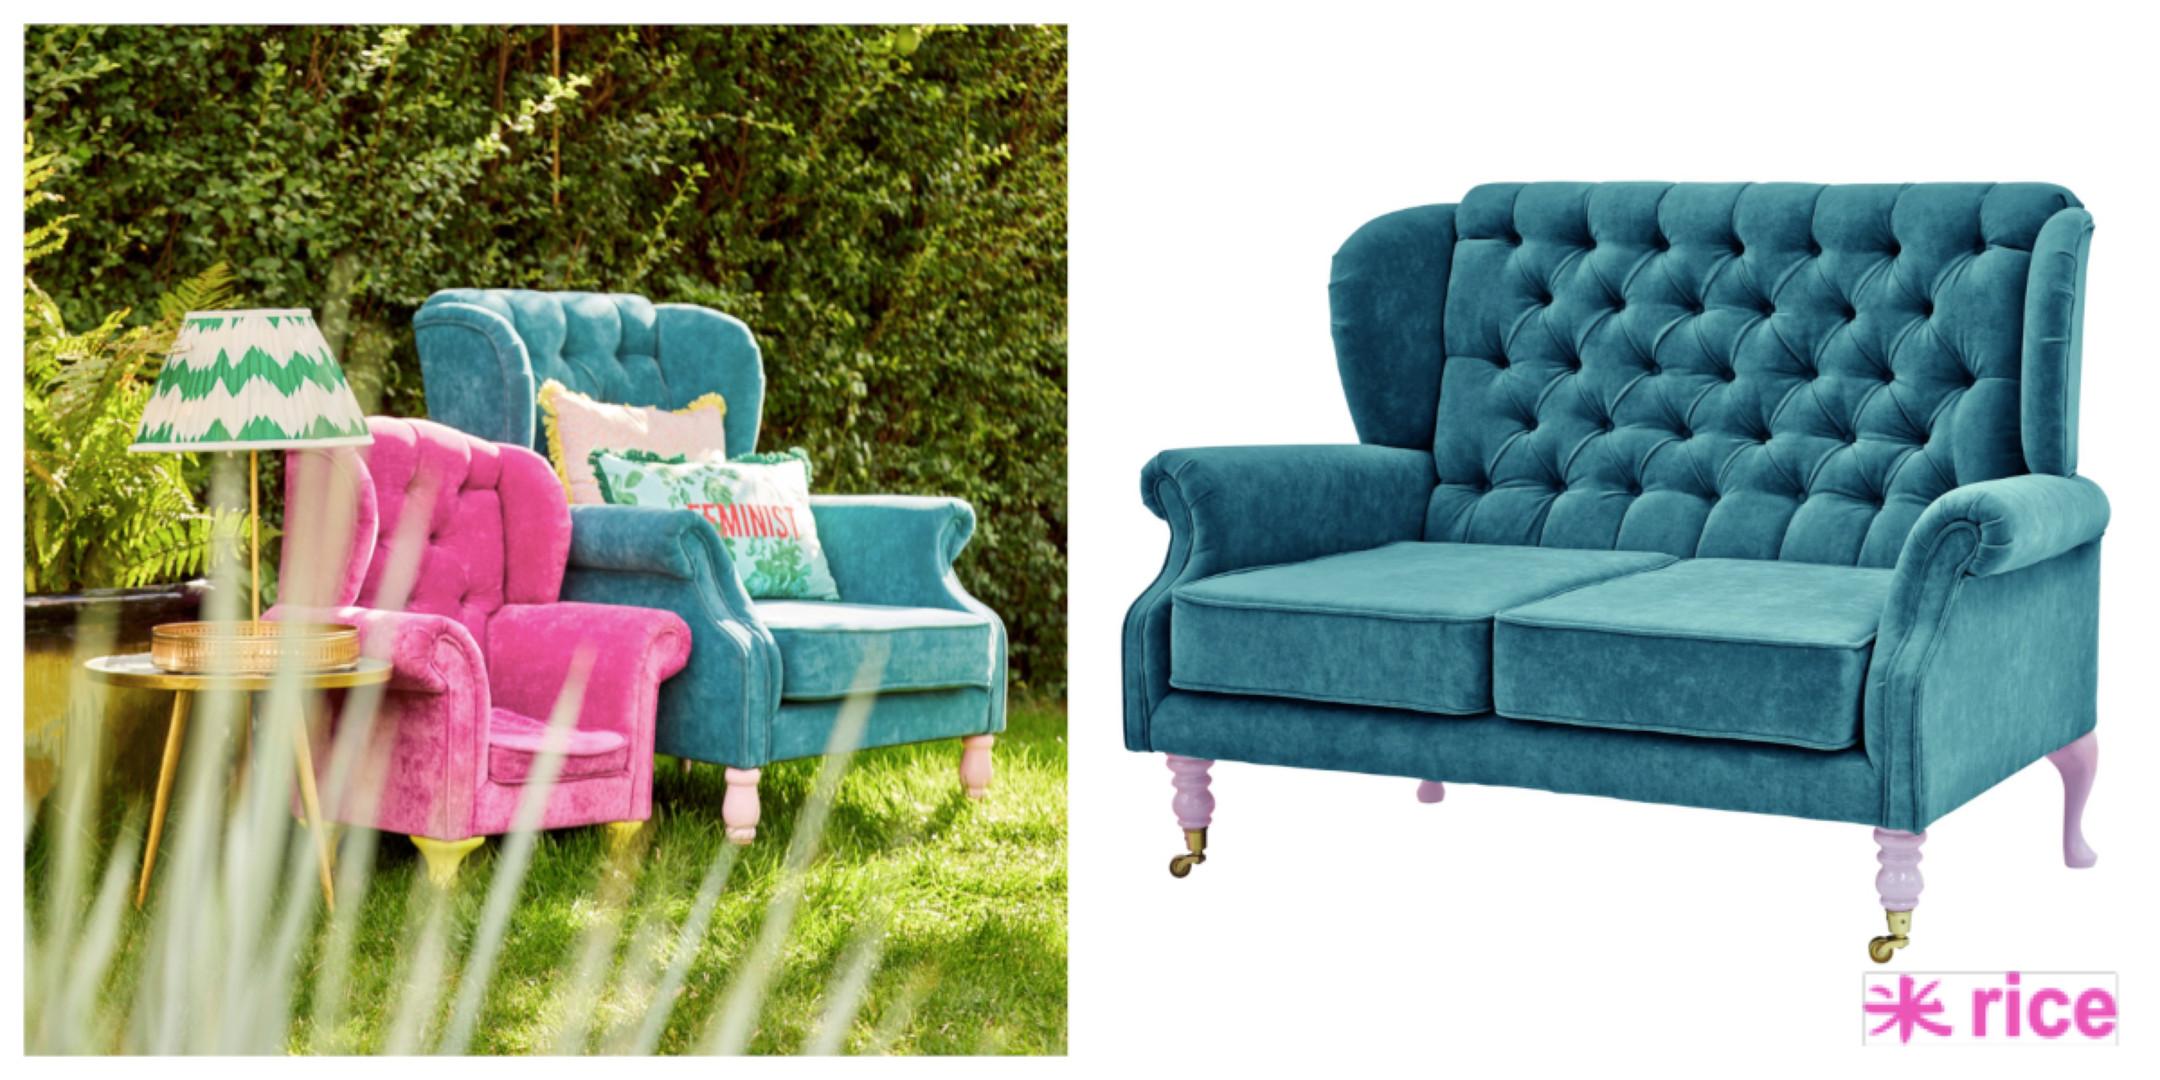 RICE sofa.jpg